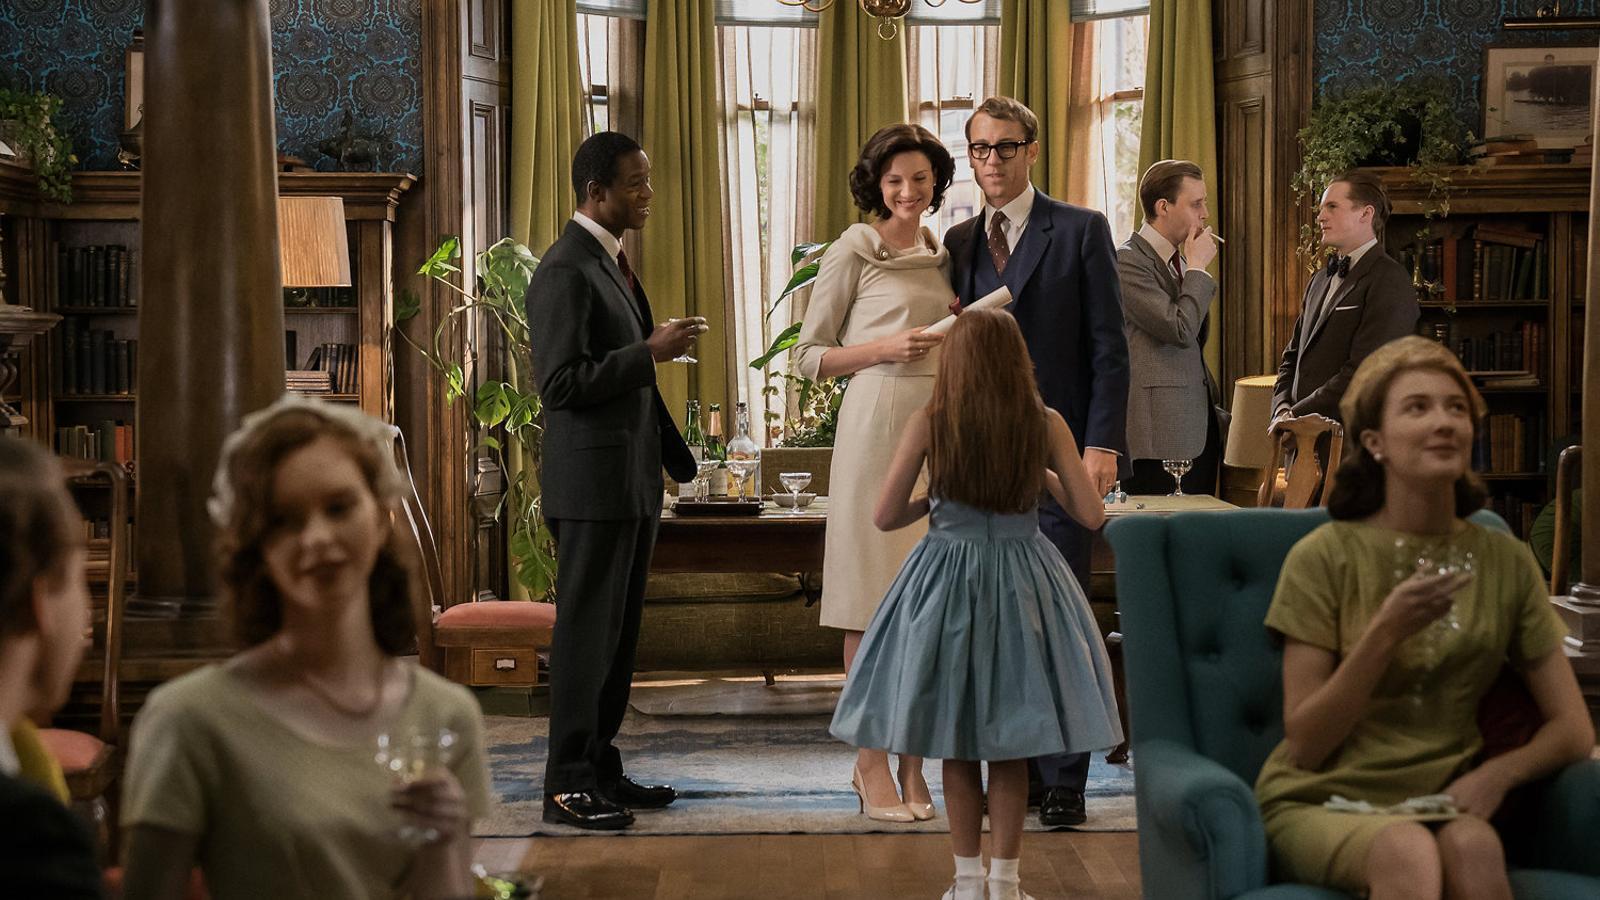 'Outlander' aprofundeix en l'amor contra el temps i la història